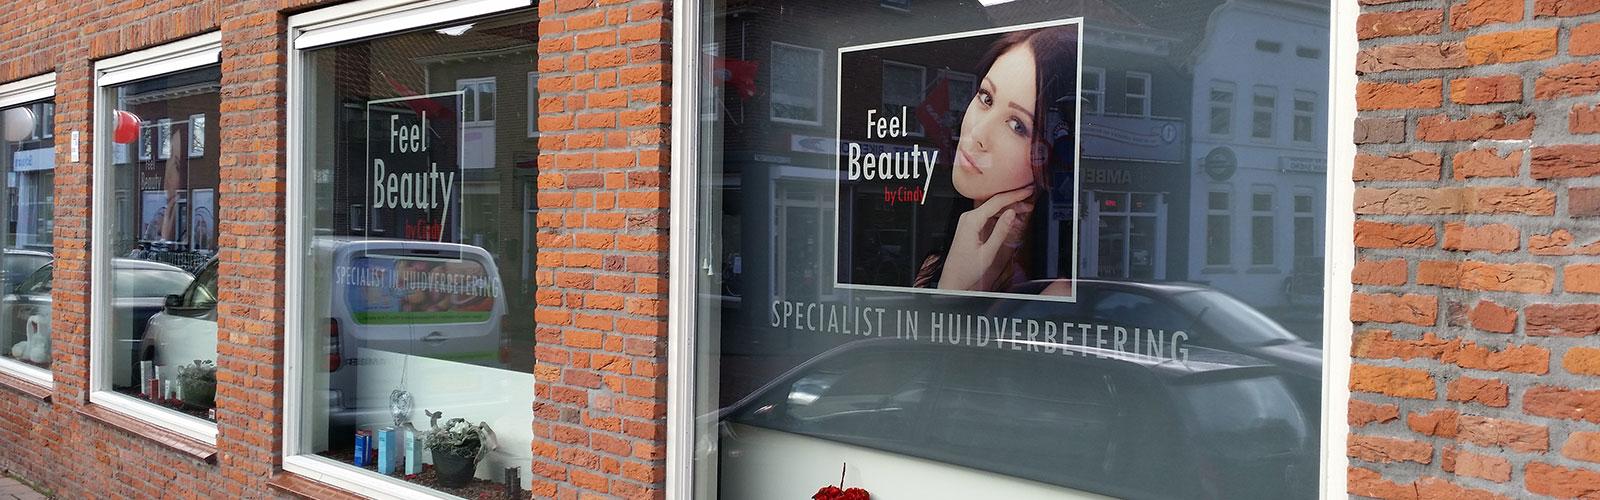 Feel Beauty by Cindy